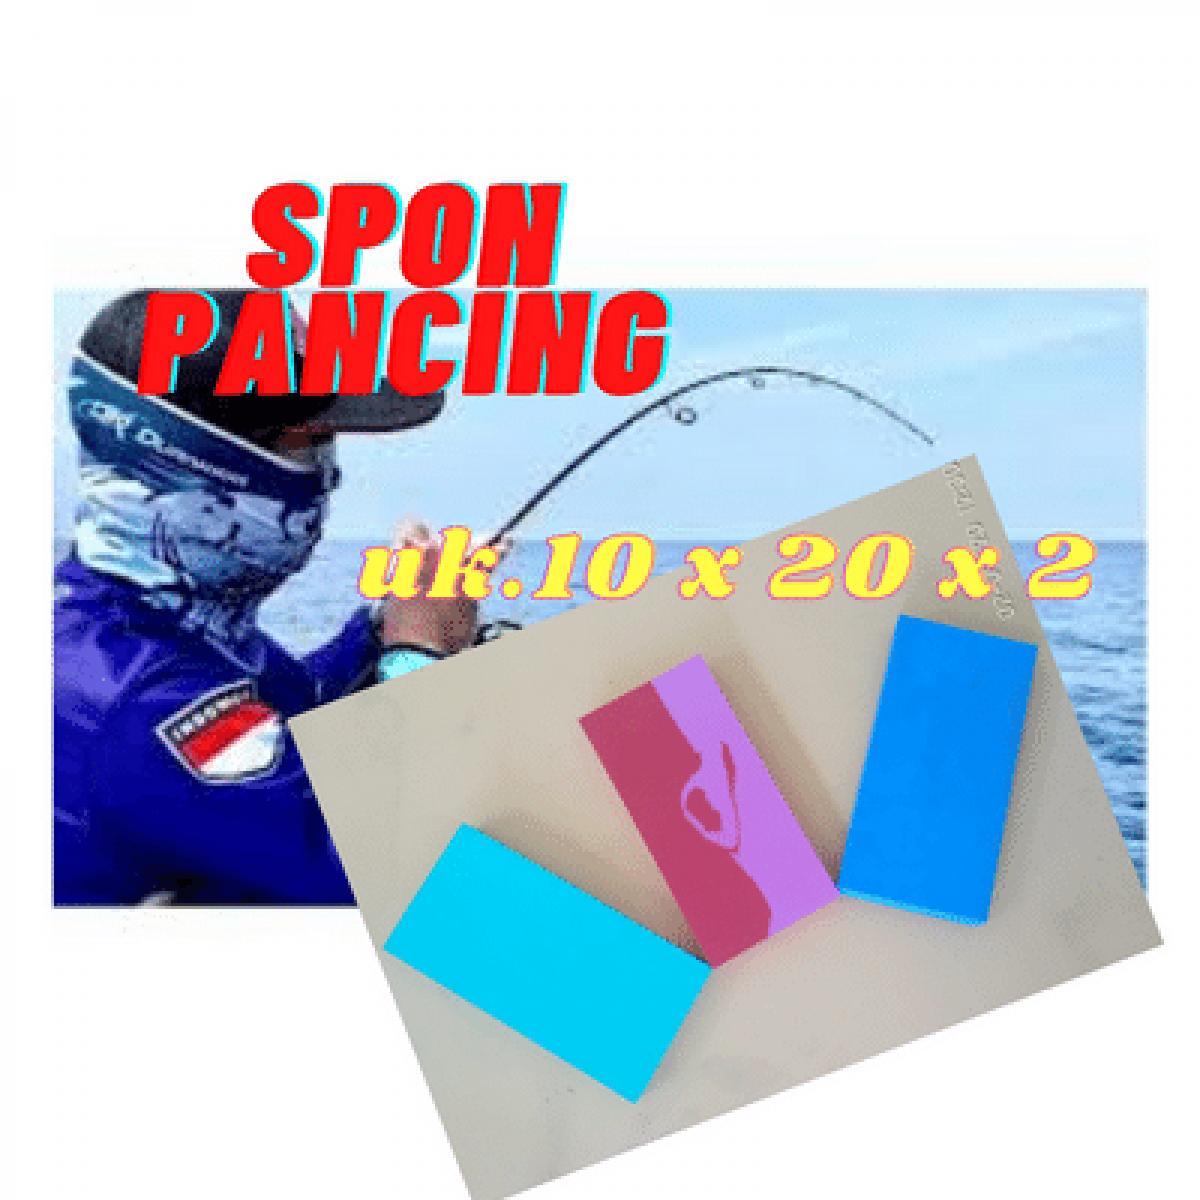 spon pancing